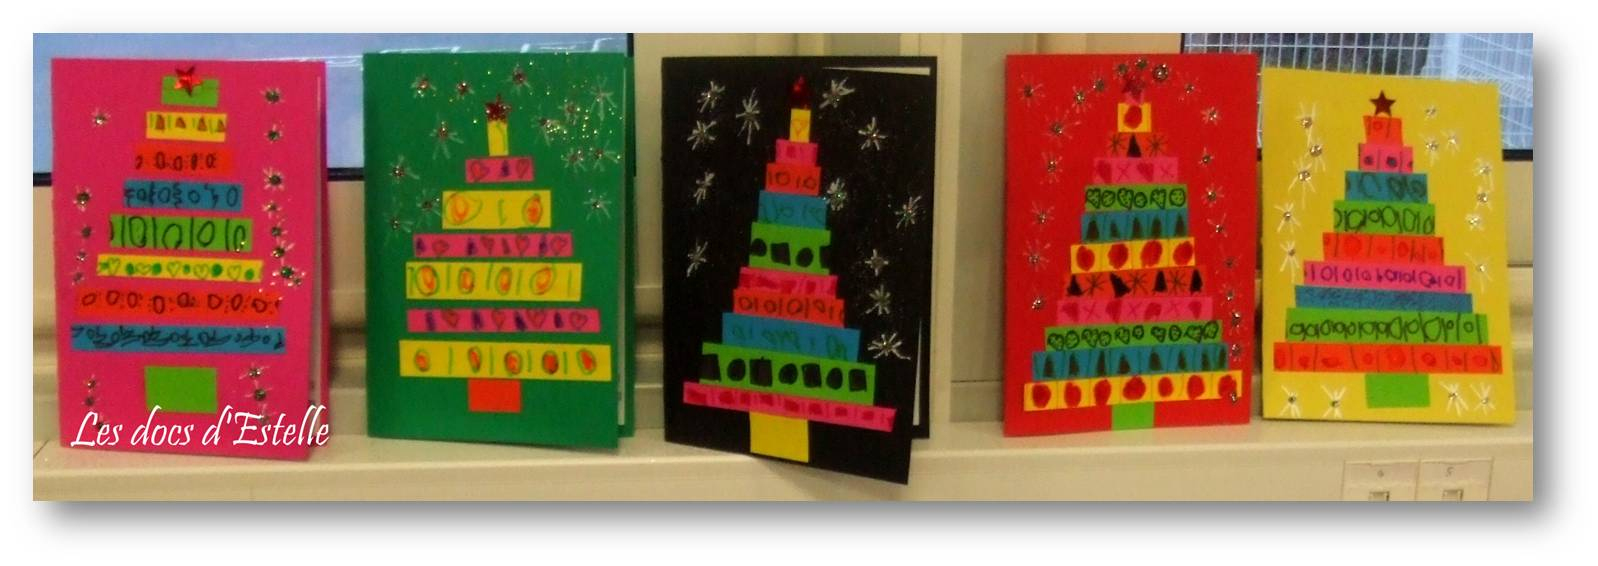 Des Cartes Pour Noël - Les Docs D'estelle destiné Carte Noel Gs